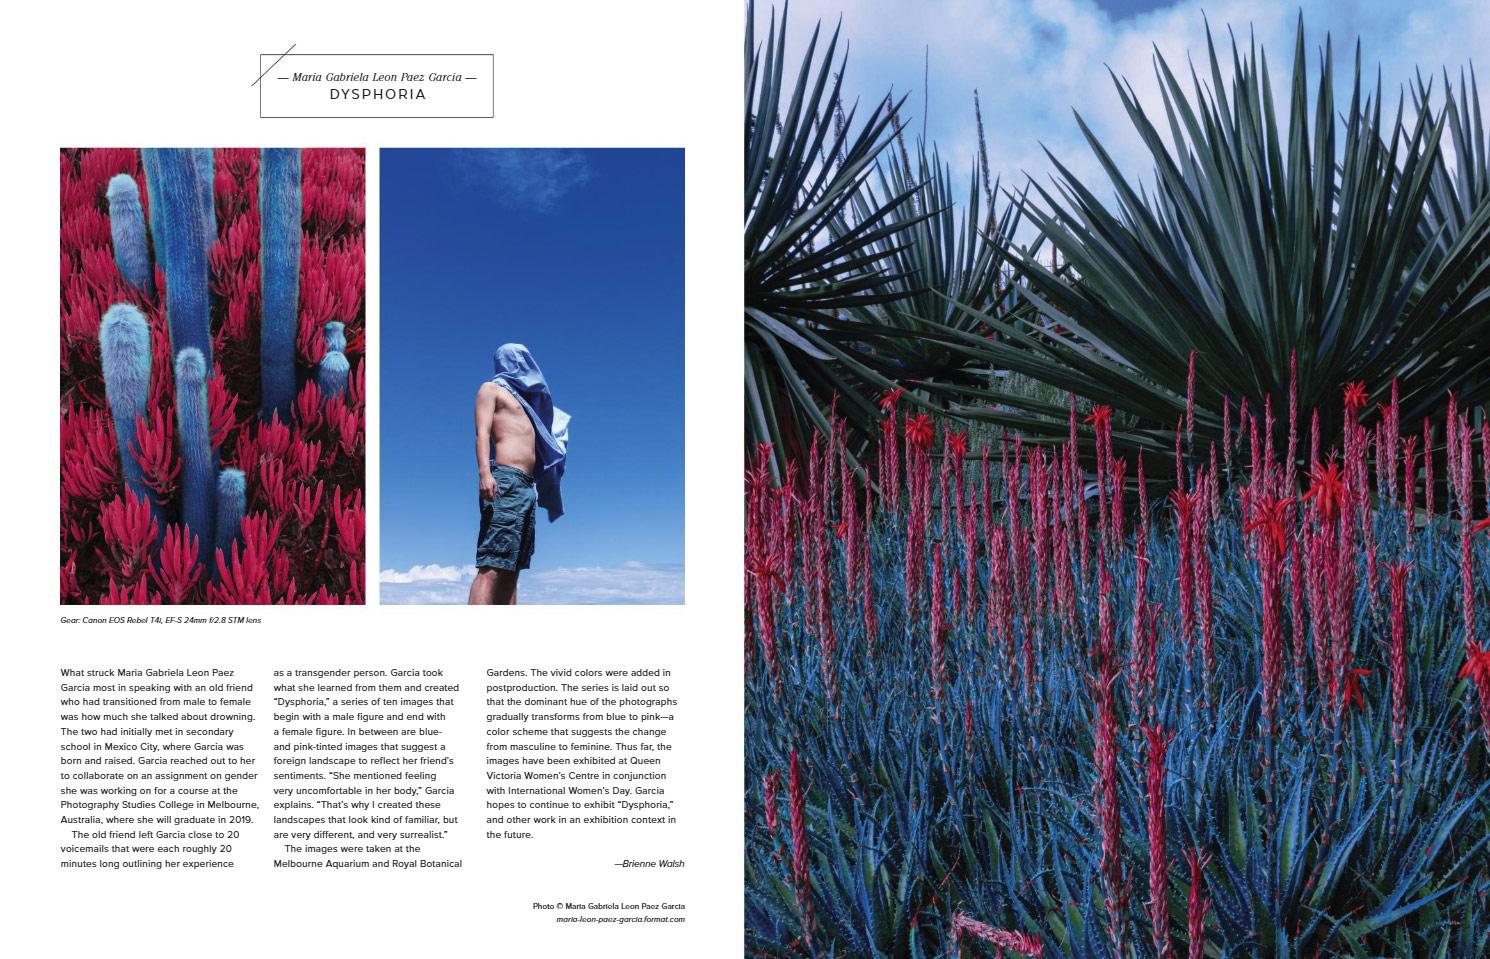 Дисфория © Мария Габриэла Леон Паес Гарсия, Фотоконкурс «Начинающий фотограф» — Emerging Photographer